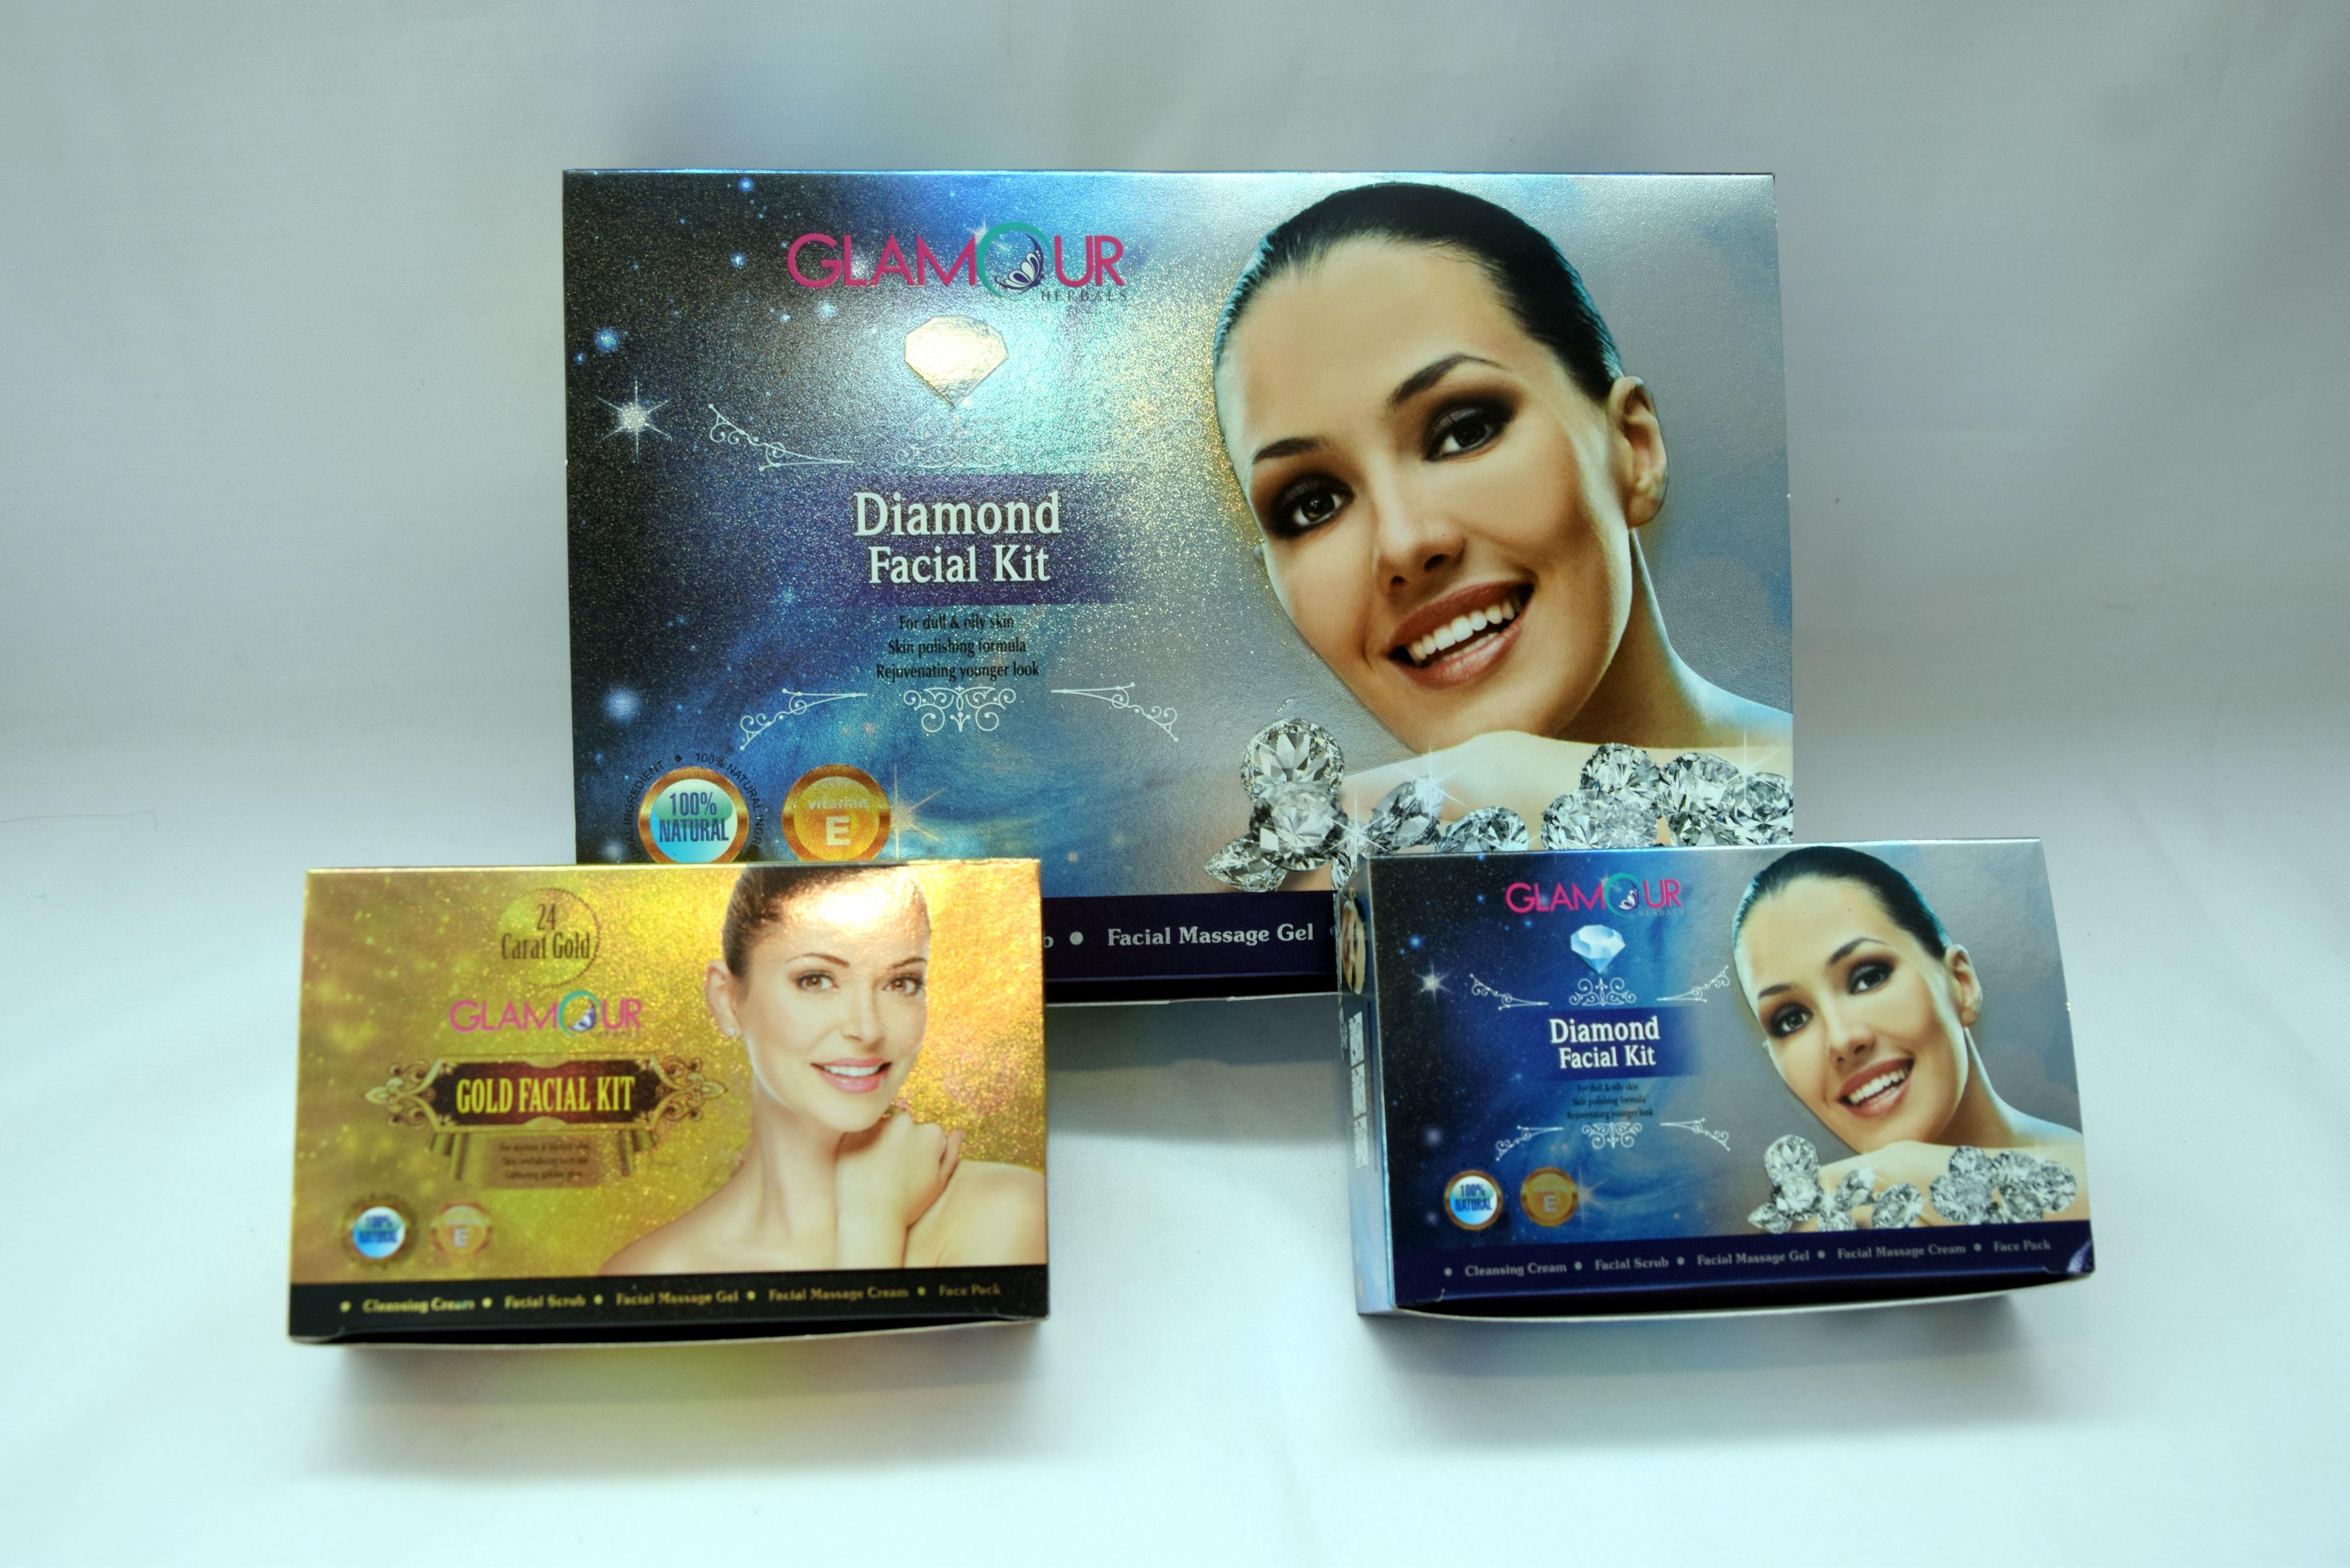 Diamond Facial Kits